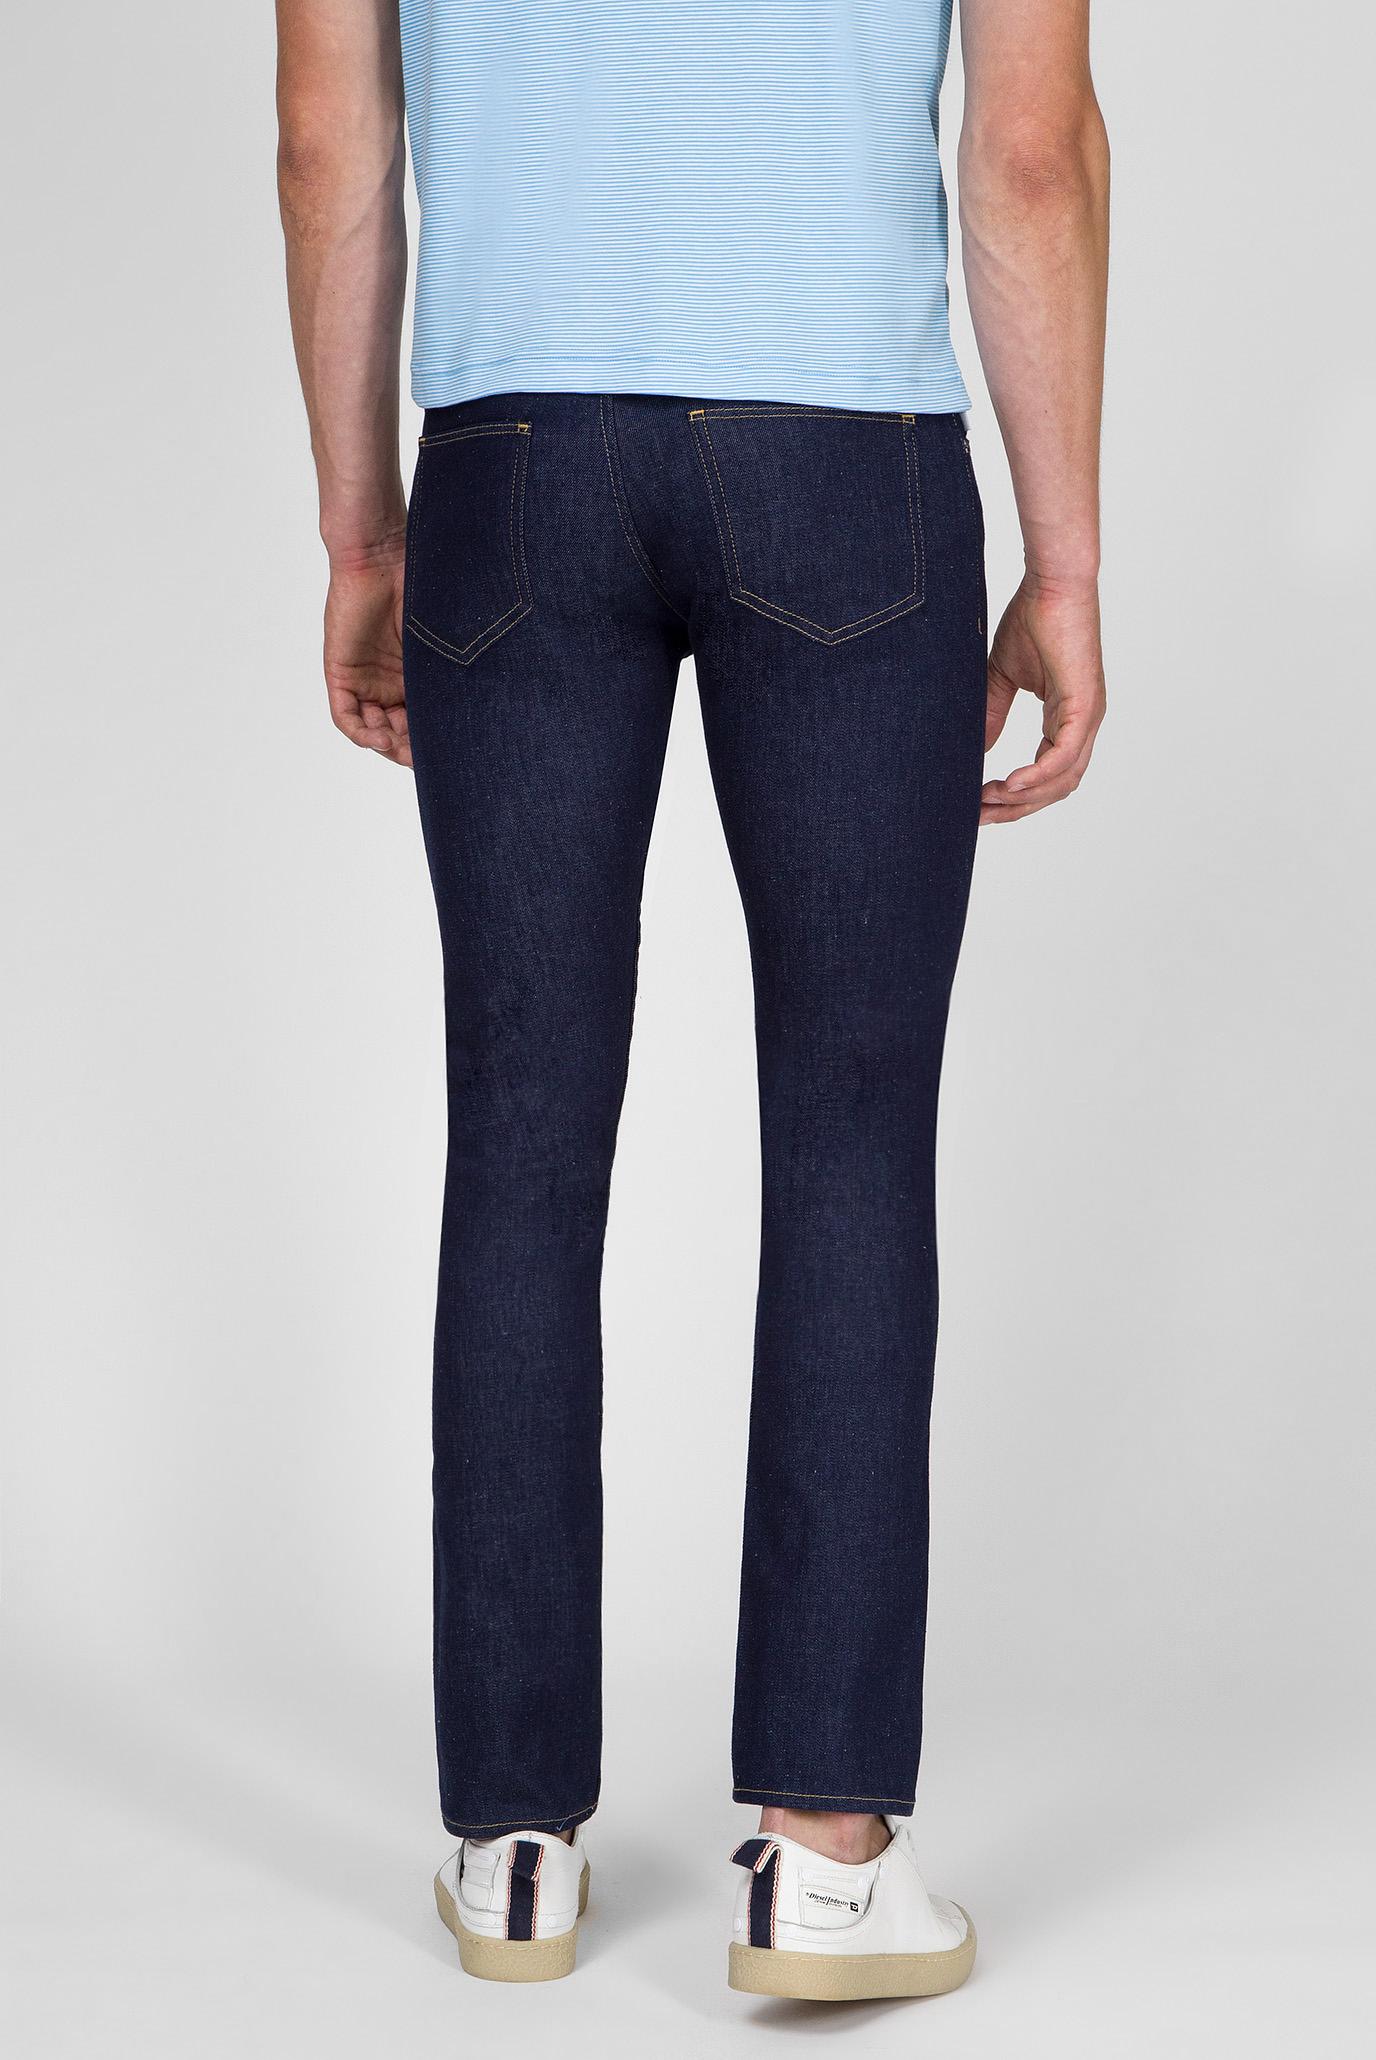 Купить Мужские темно-синие джинсы SLIM FIT BLUE STRETCH DENIM Calvin Klein Calvin Klein K10K102668 – Киев, Украина. Цены в интернет магазине MD Fashion